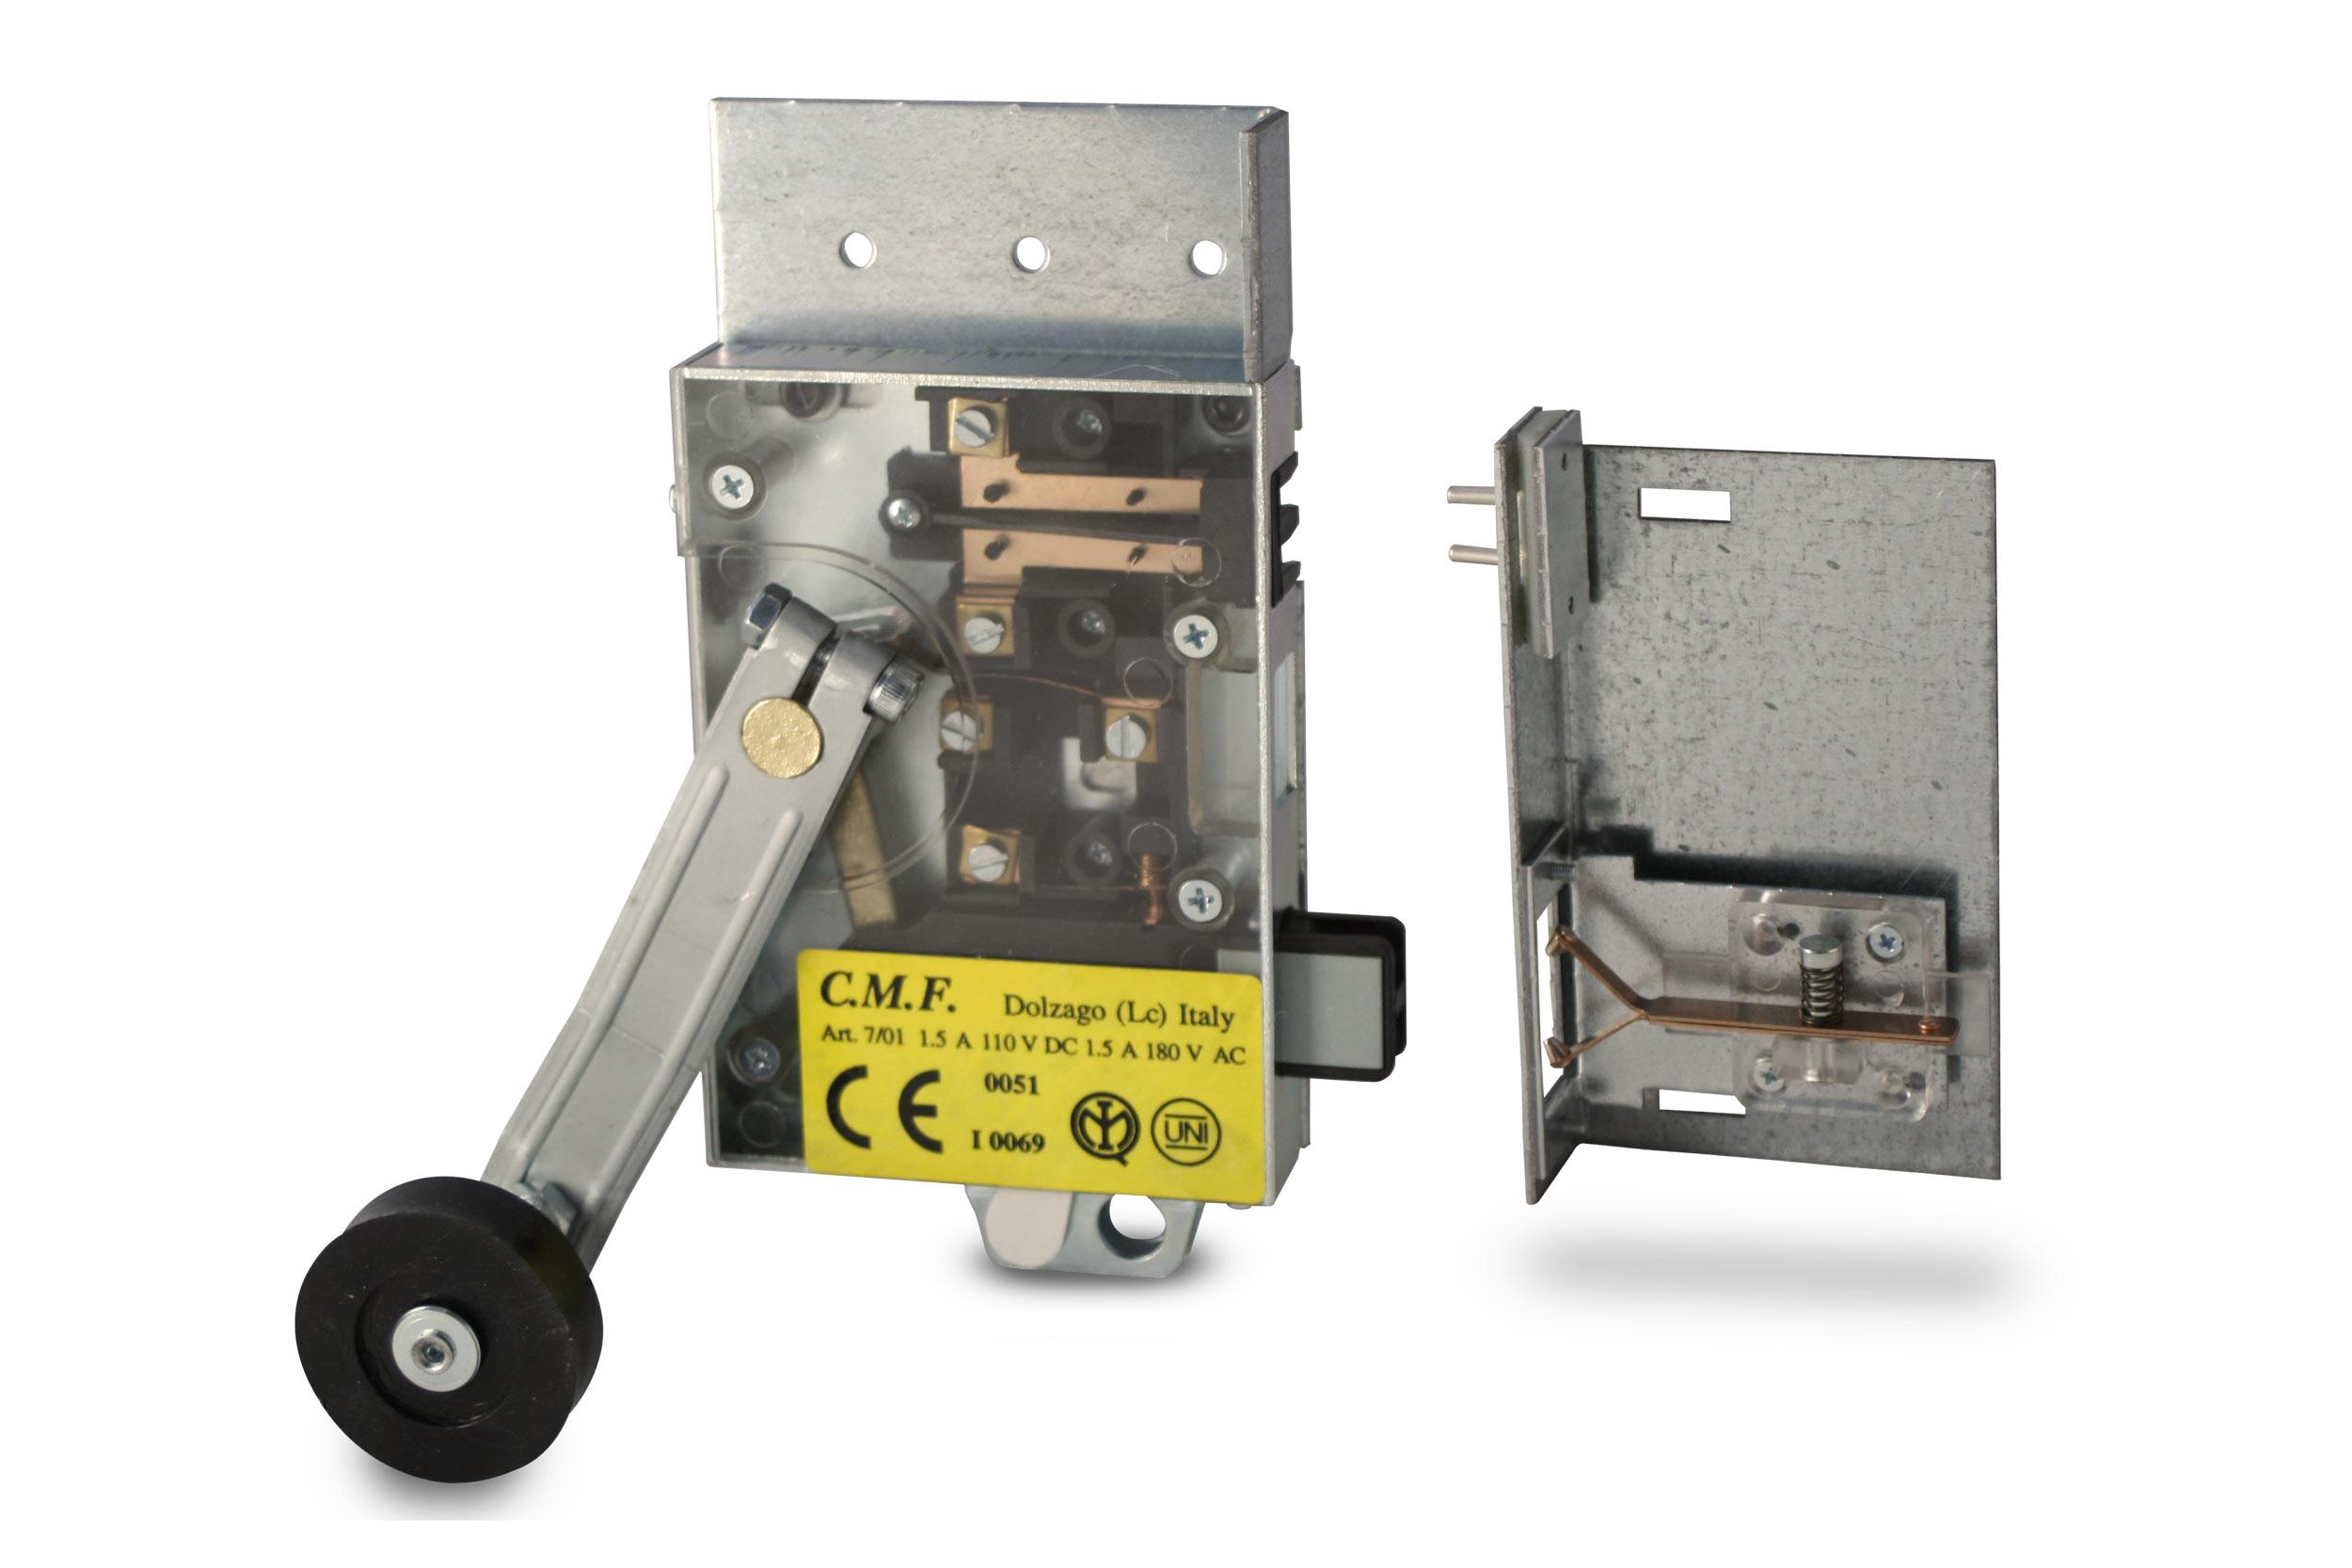 Kit sostituzione serrature FALCONI semiautomatiche omologate